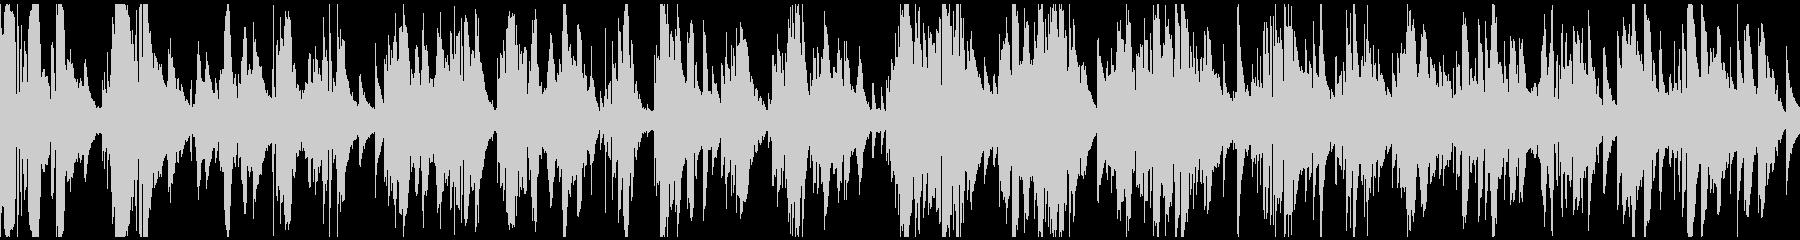 極太低音サックスのソフトジャズ※ループ版の未再生の波形